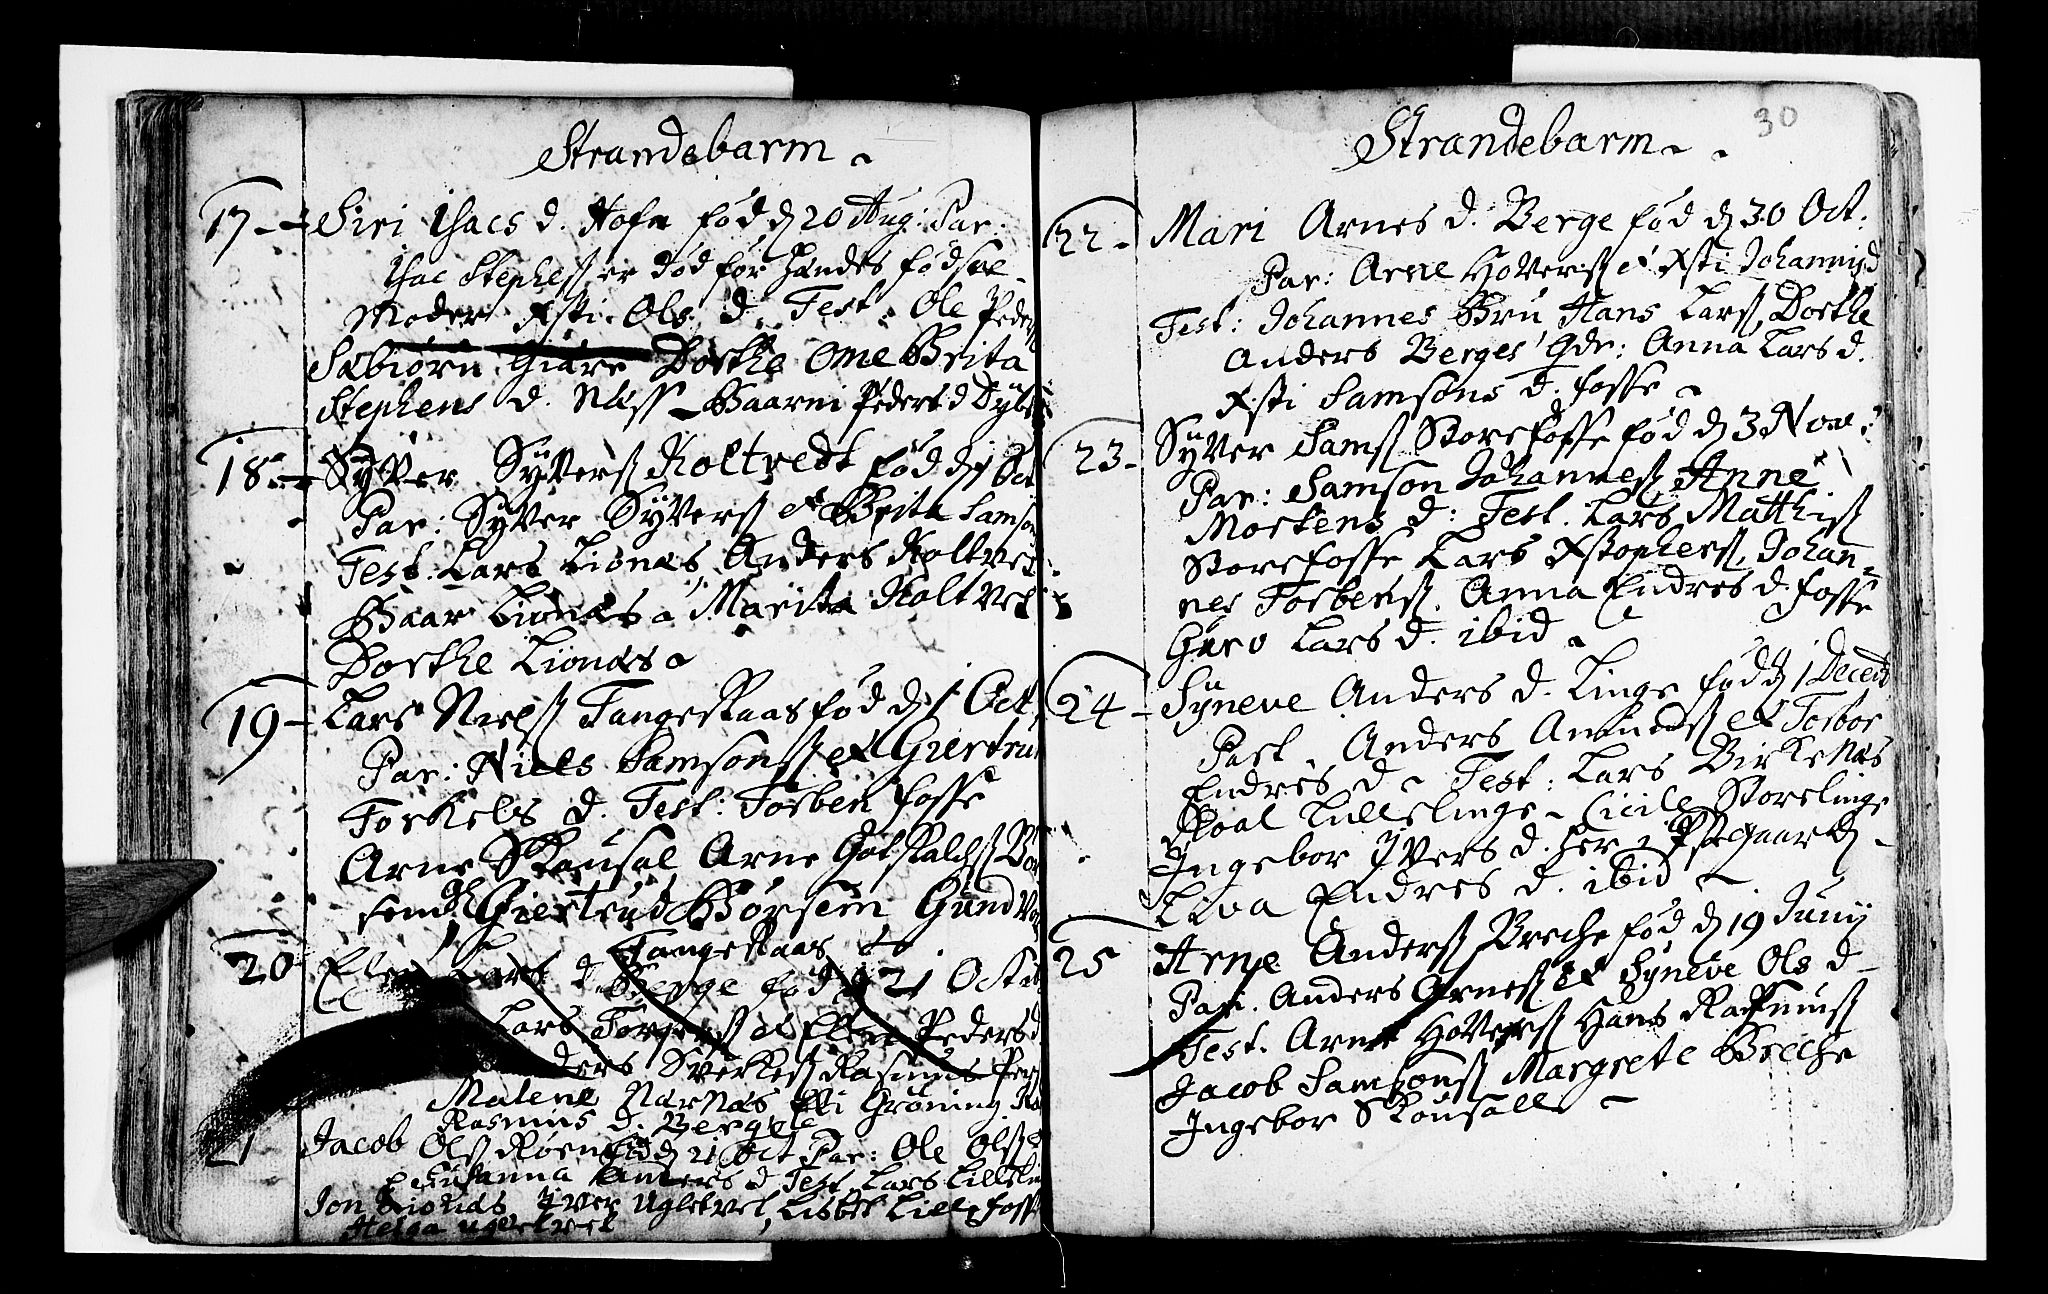 SAB, Strandebarm Sokneprestembete, H/Haa: Ministerialbok nr. A 2 /1, 1727-1750, s. 30